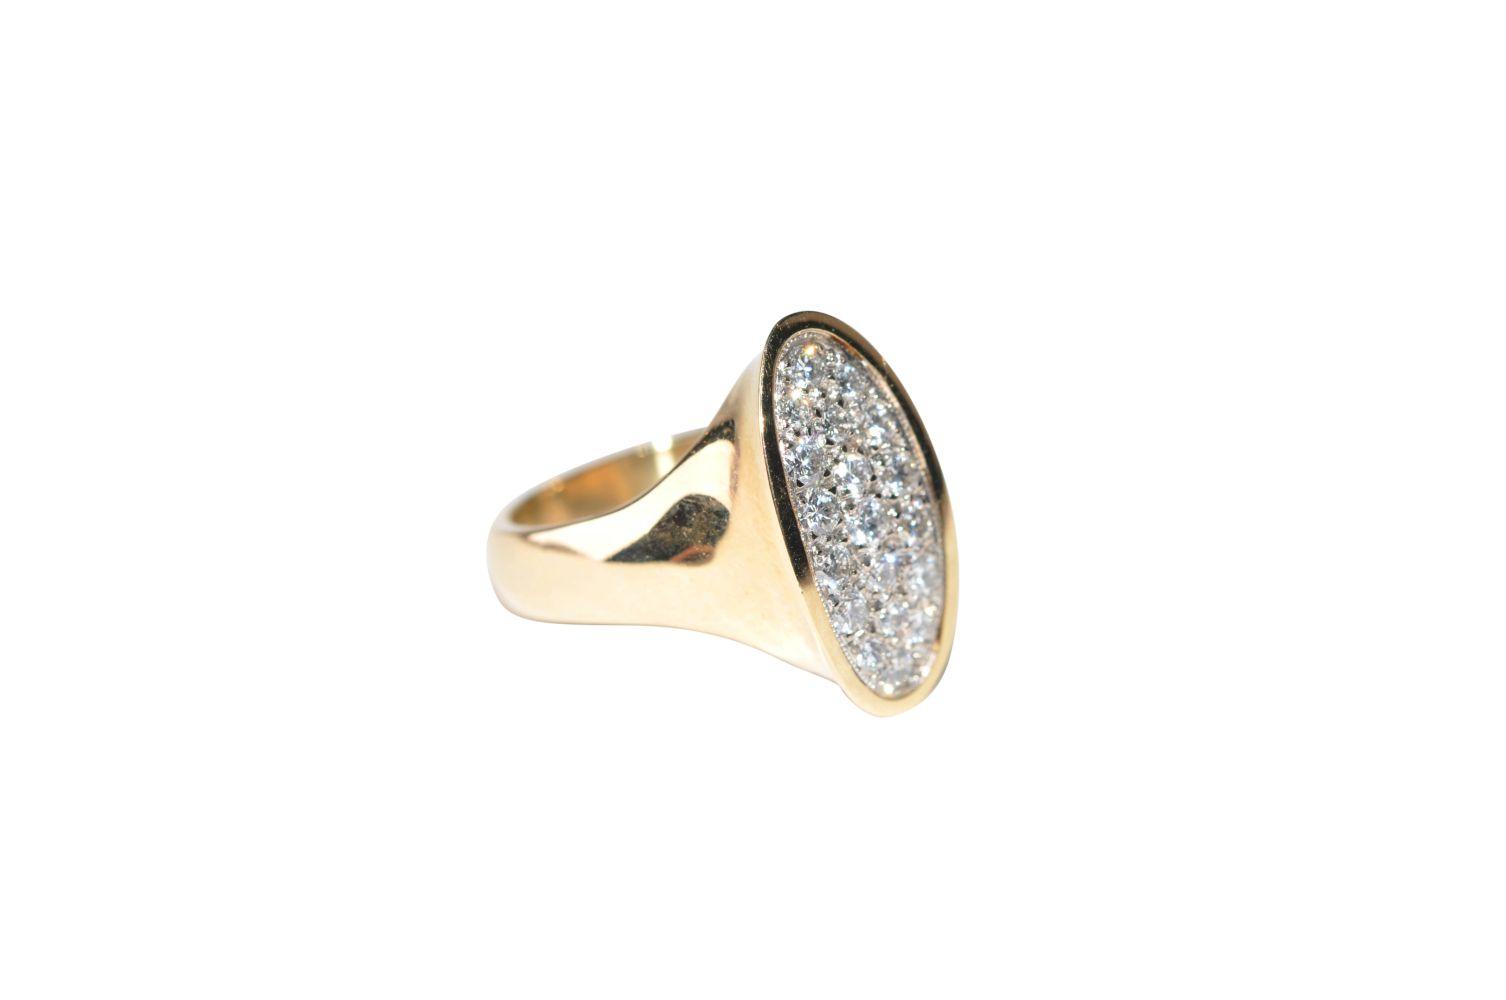 #139 Diamond ring | Diamantring Image